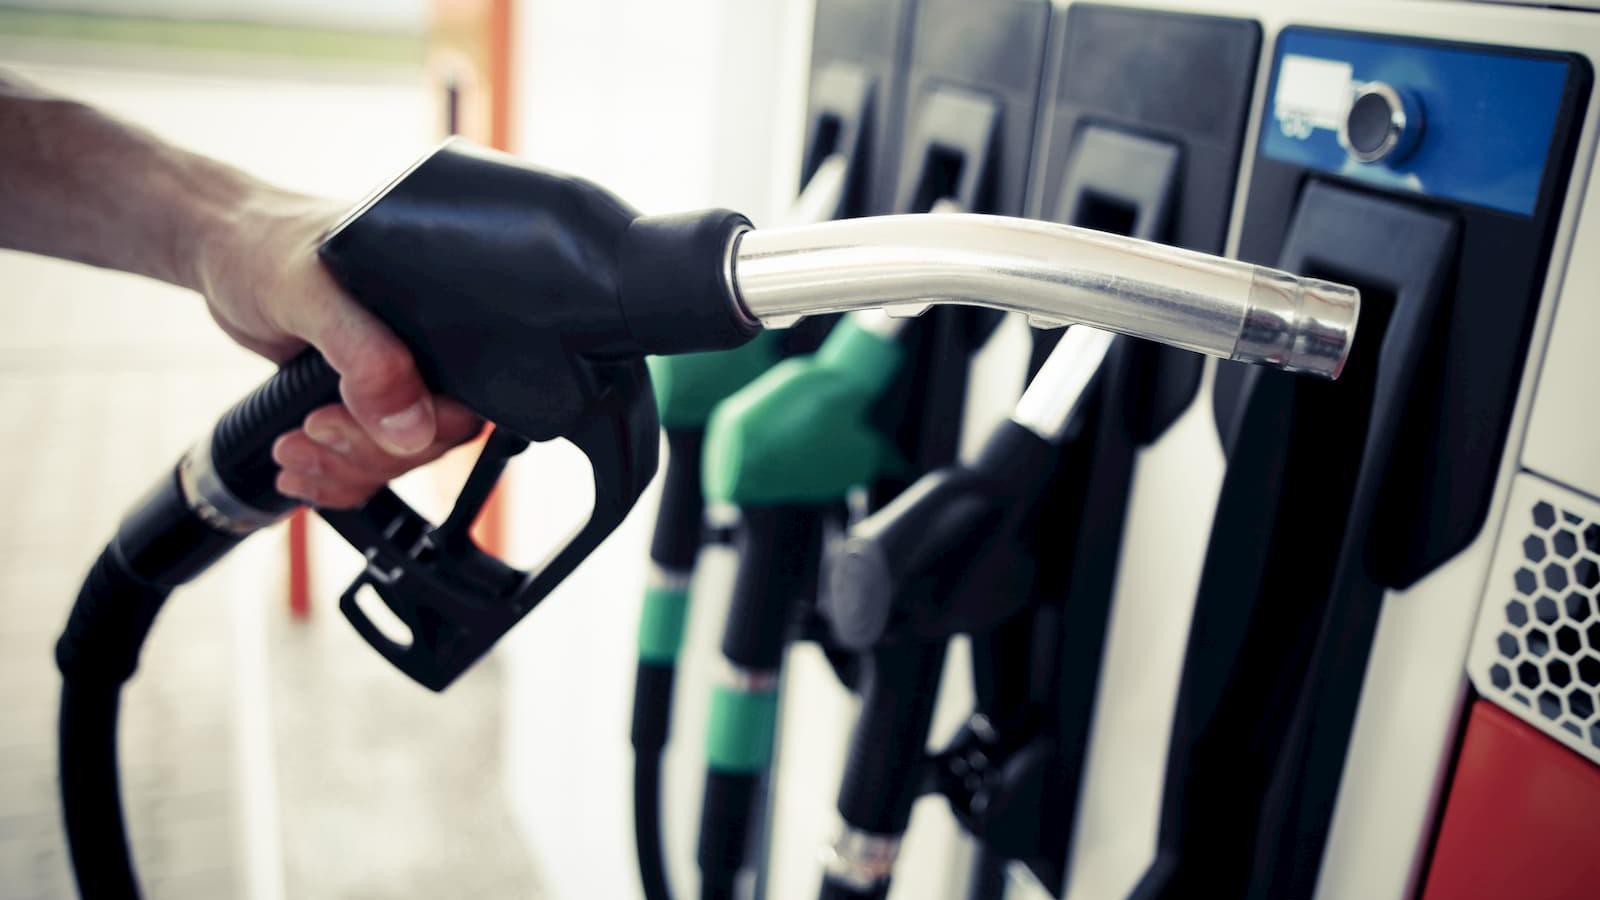 استقرار أسعار الوقود في قطر لشهر يناير 2020